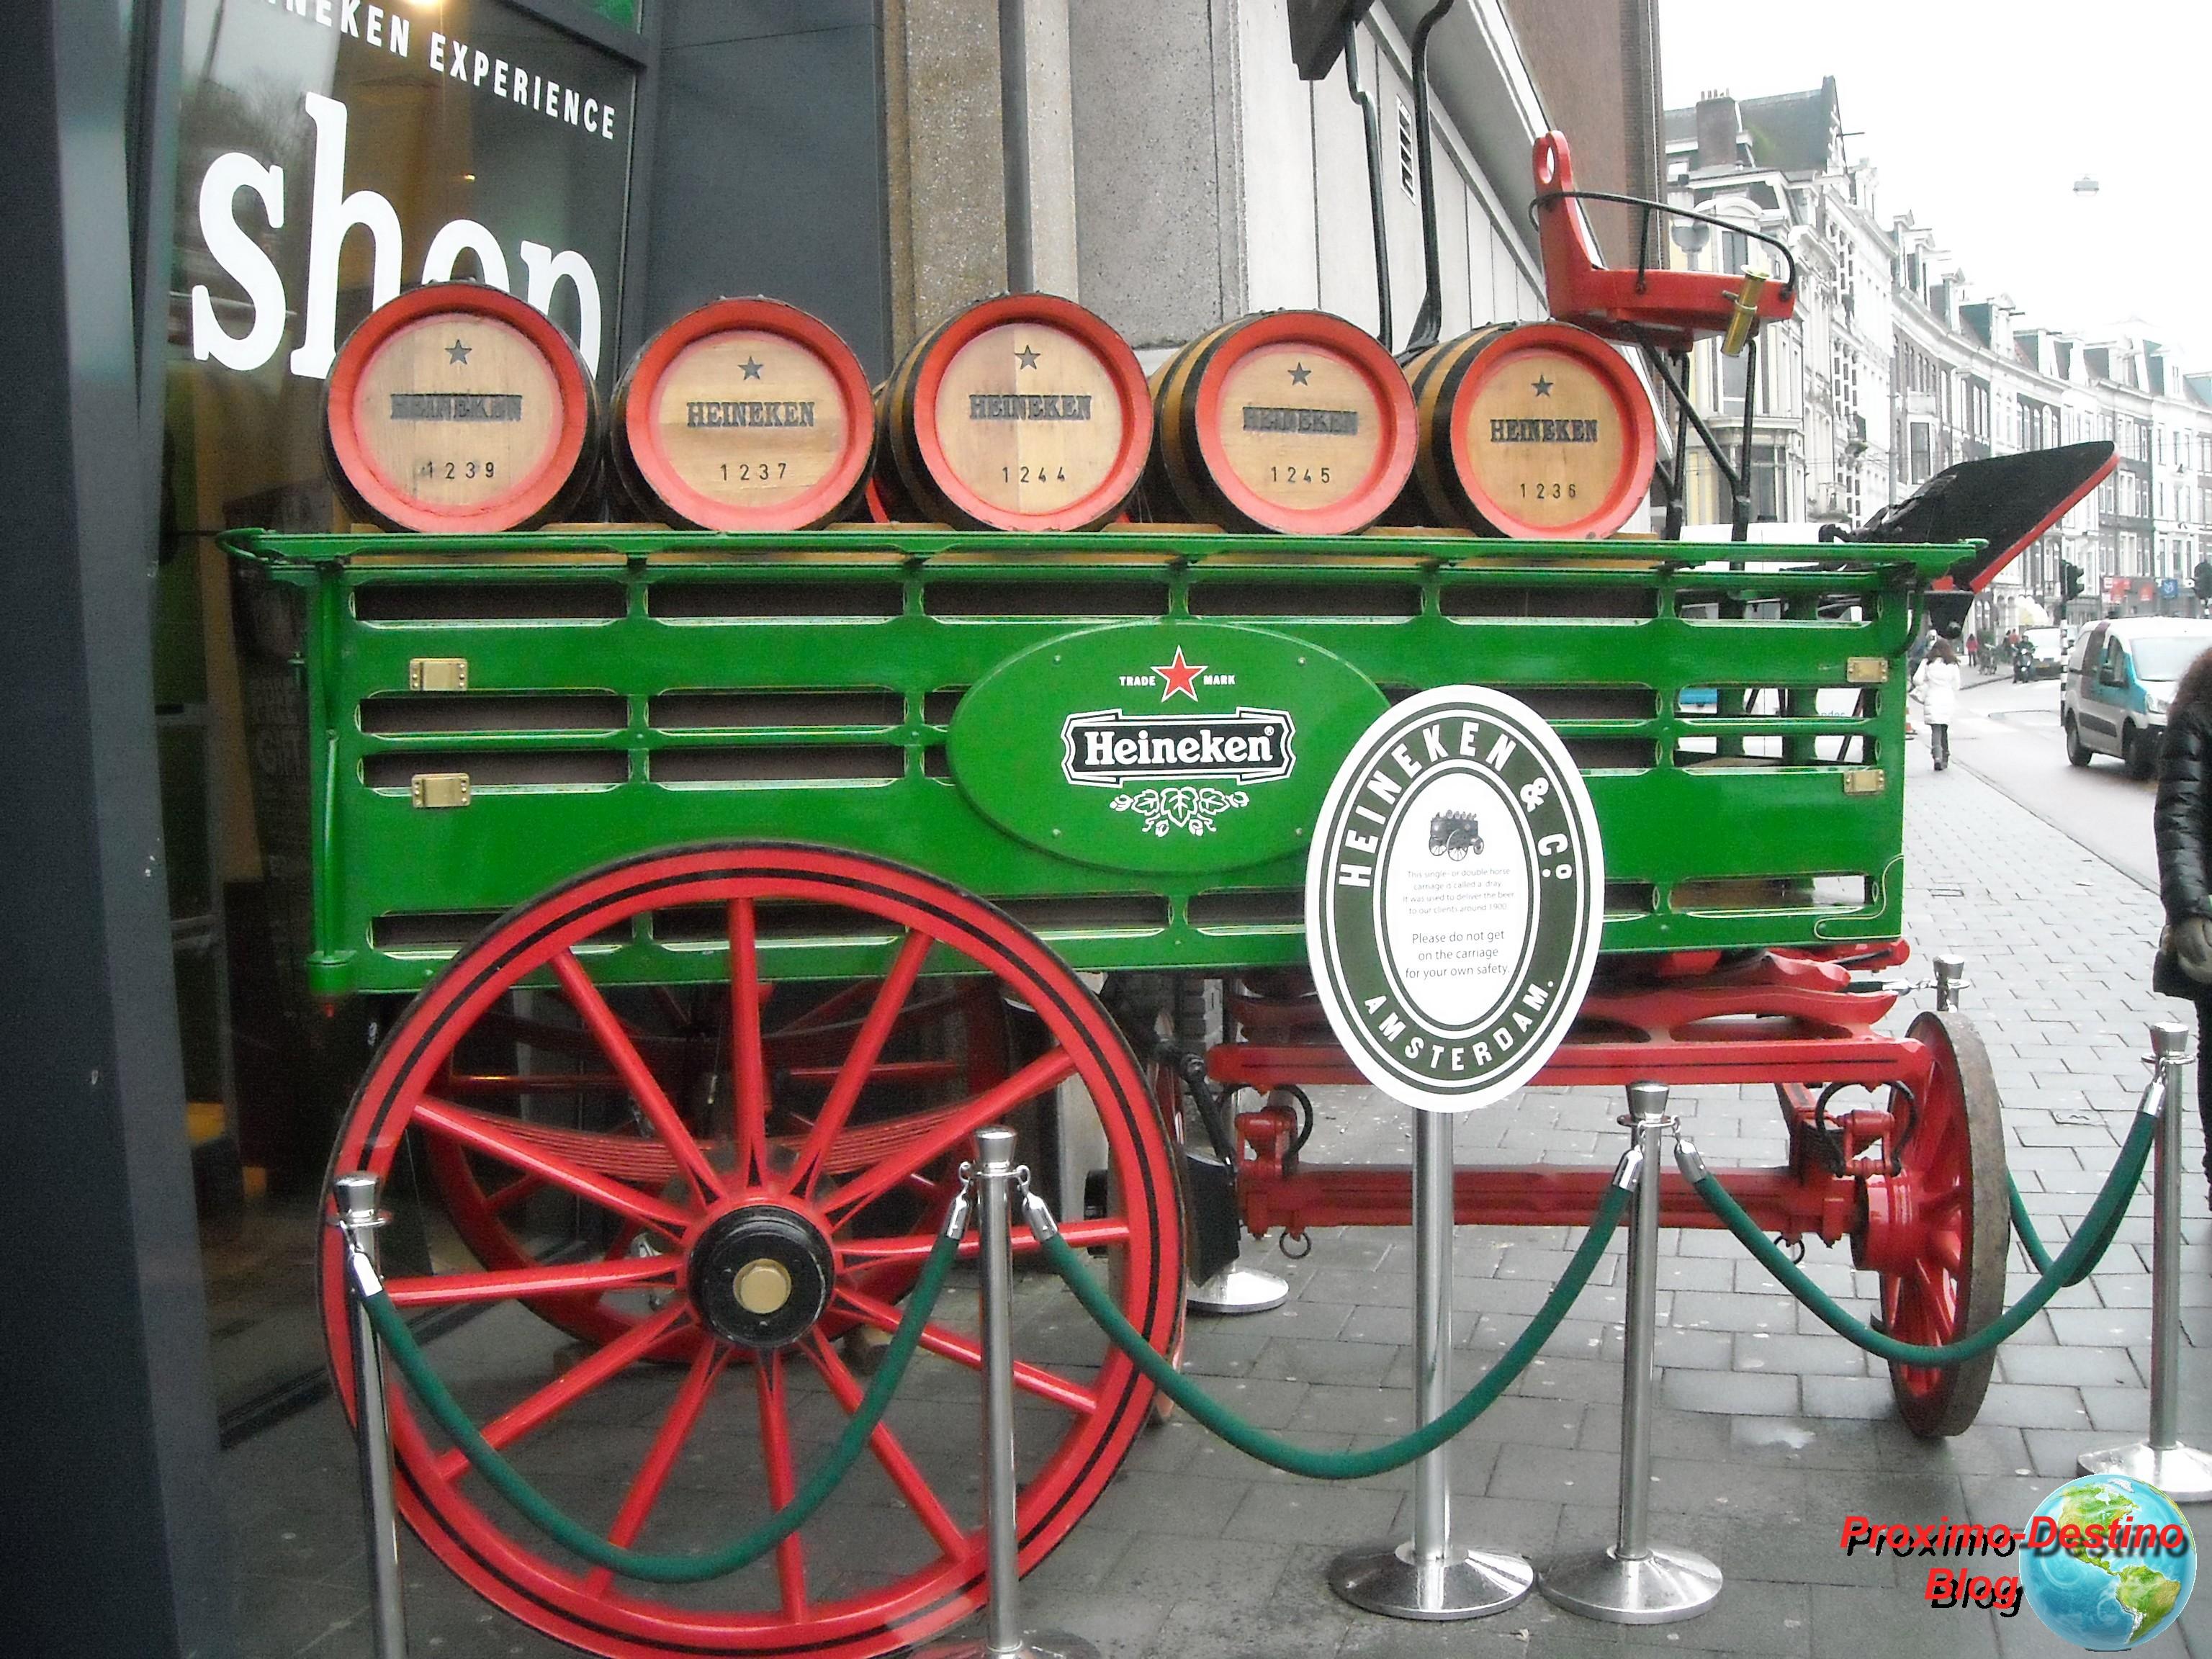 Heineken Experiencie, la antigua fabrica y museo de la marca en ...